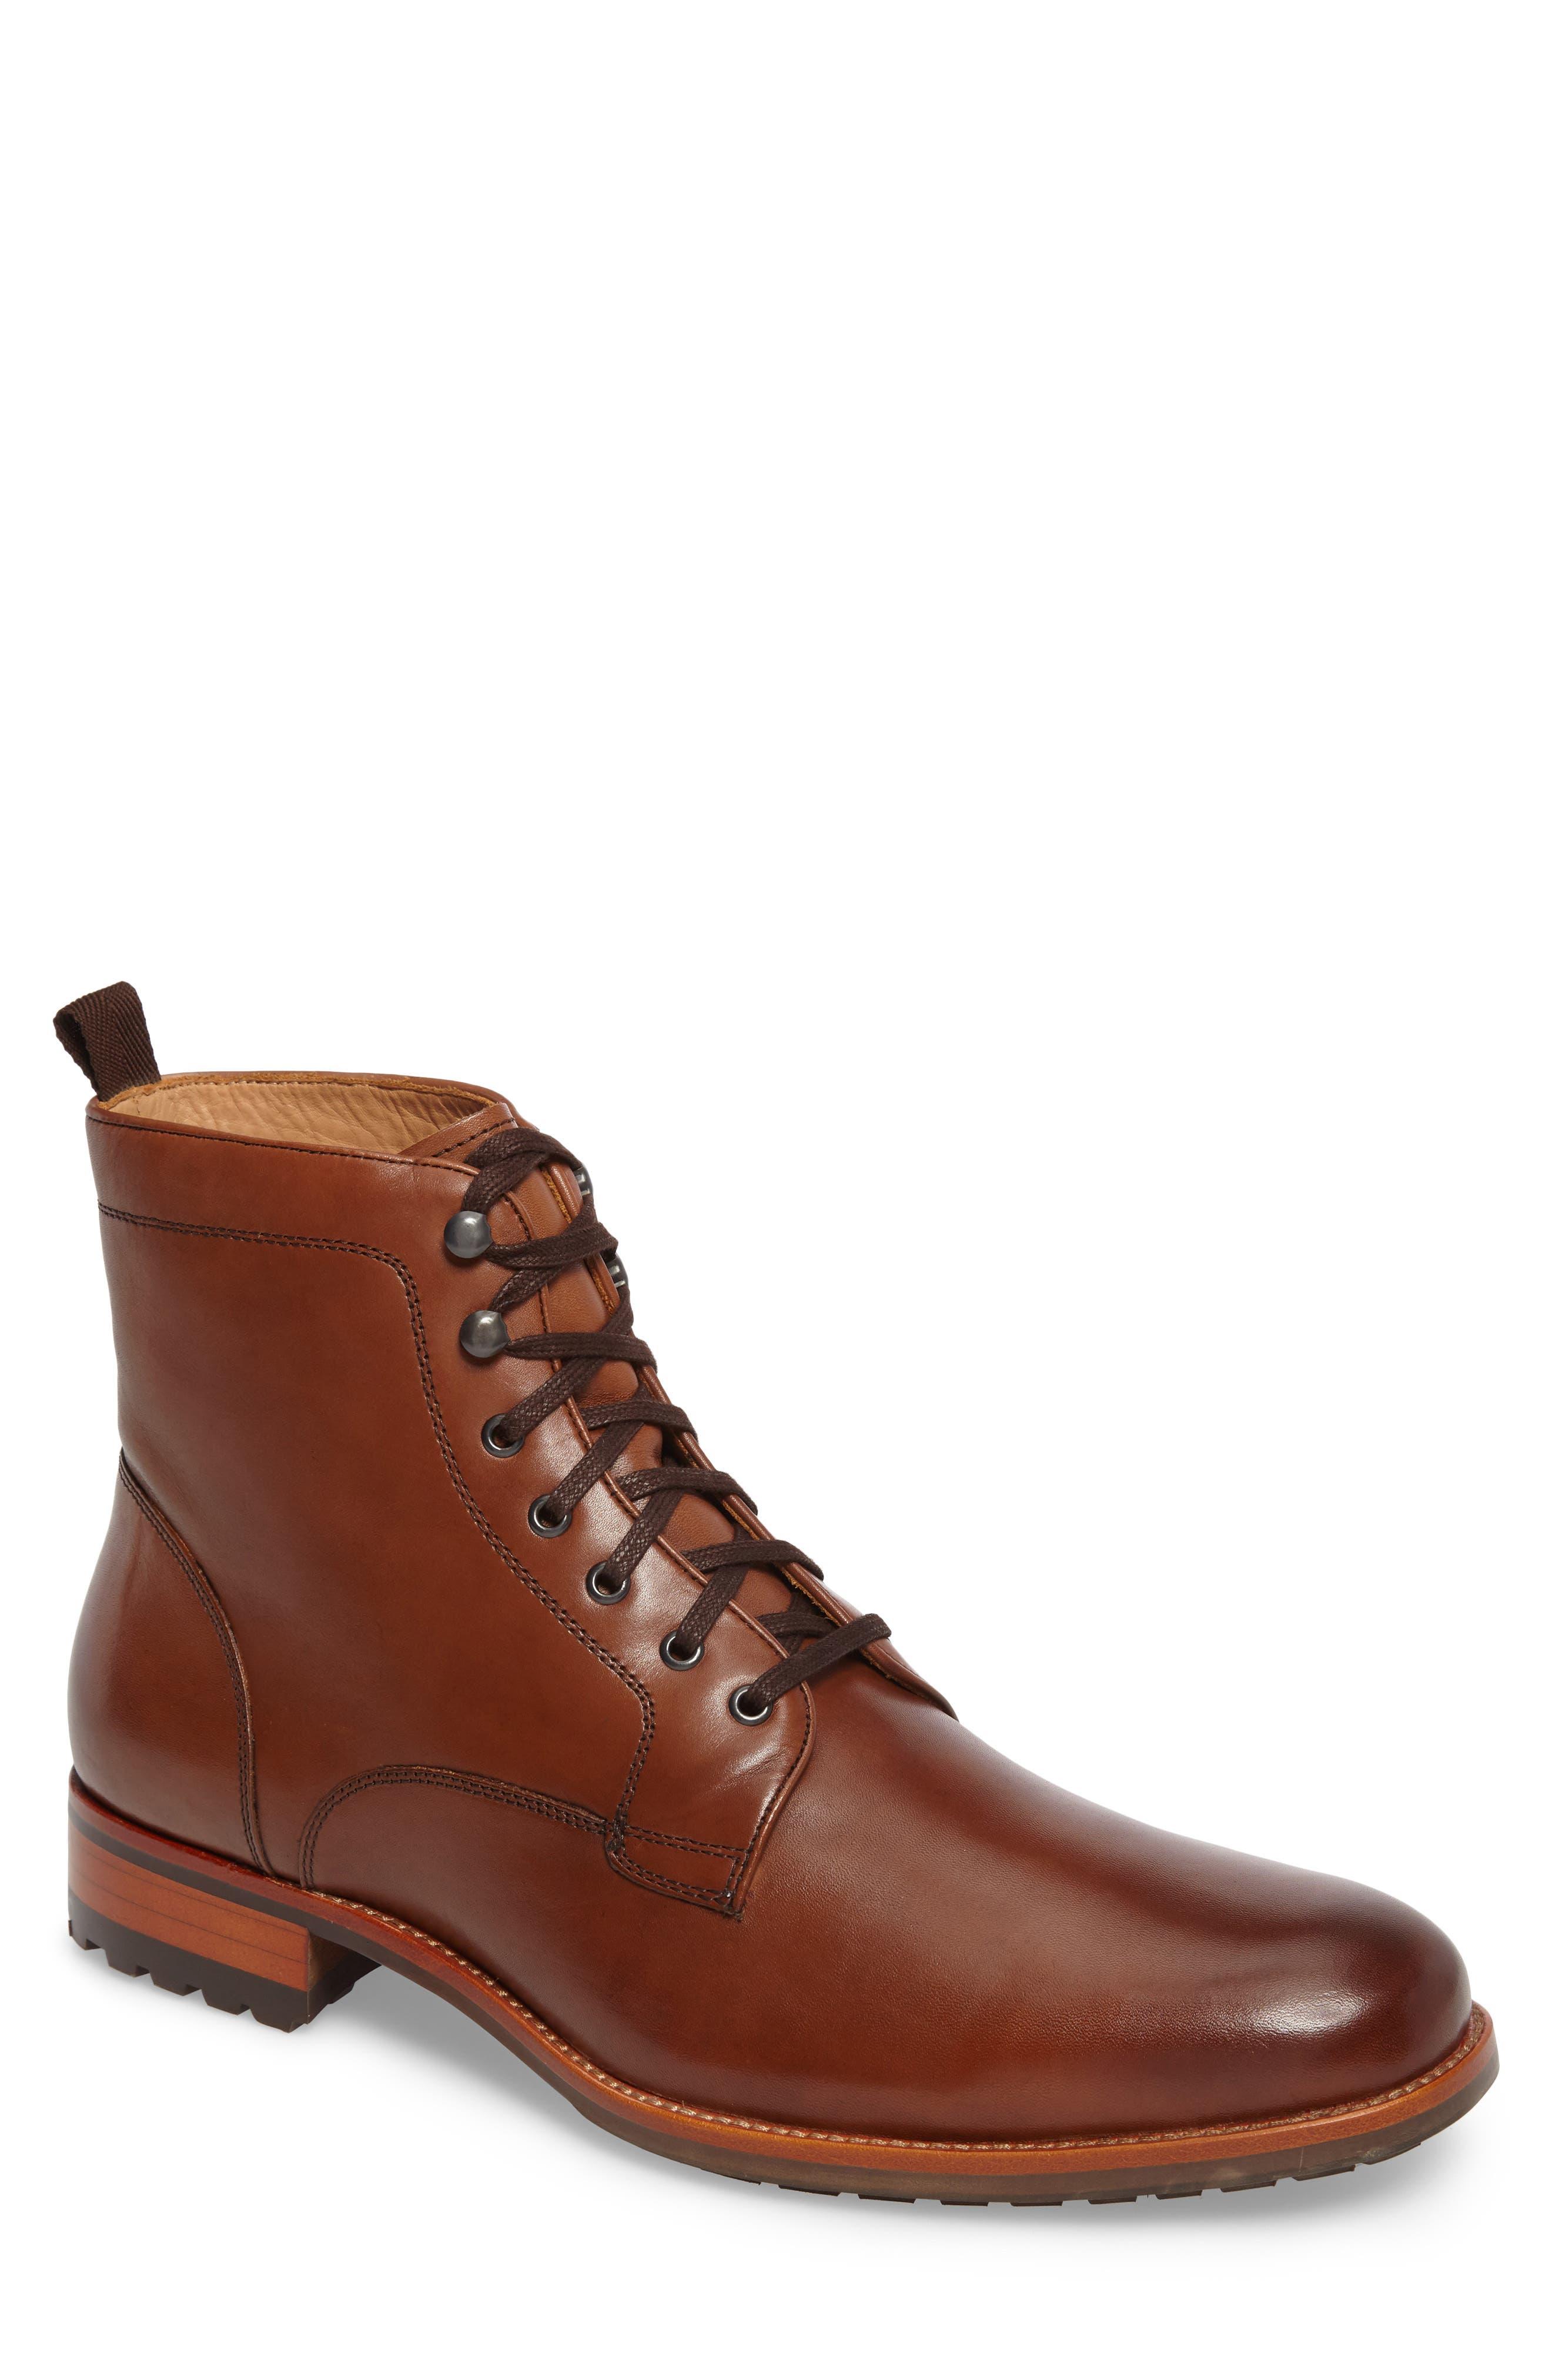 Alternate Image 1 Selected - John W. Nordstrom® Axeford Plain Toe Boot (Men)